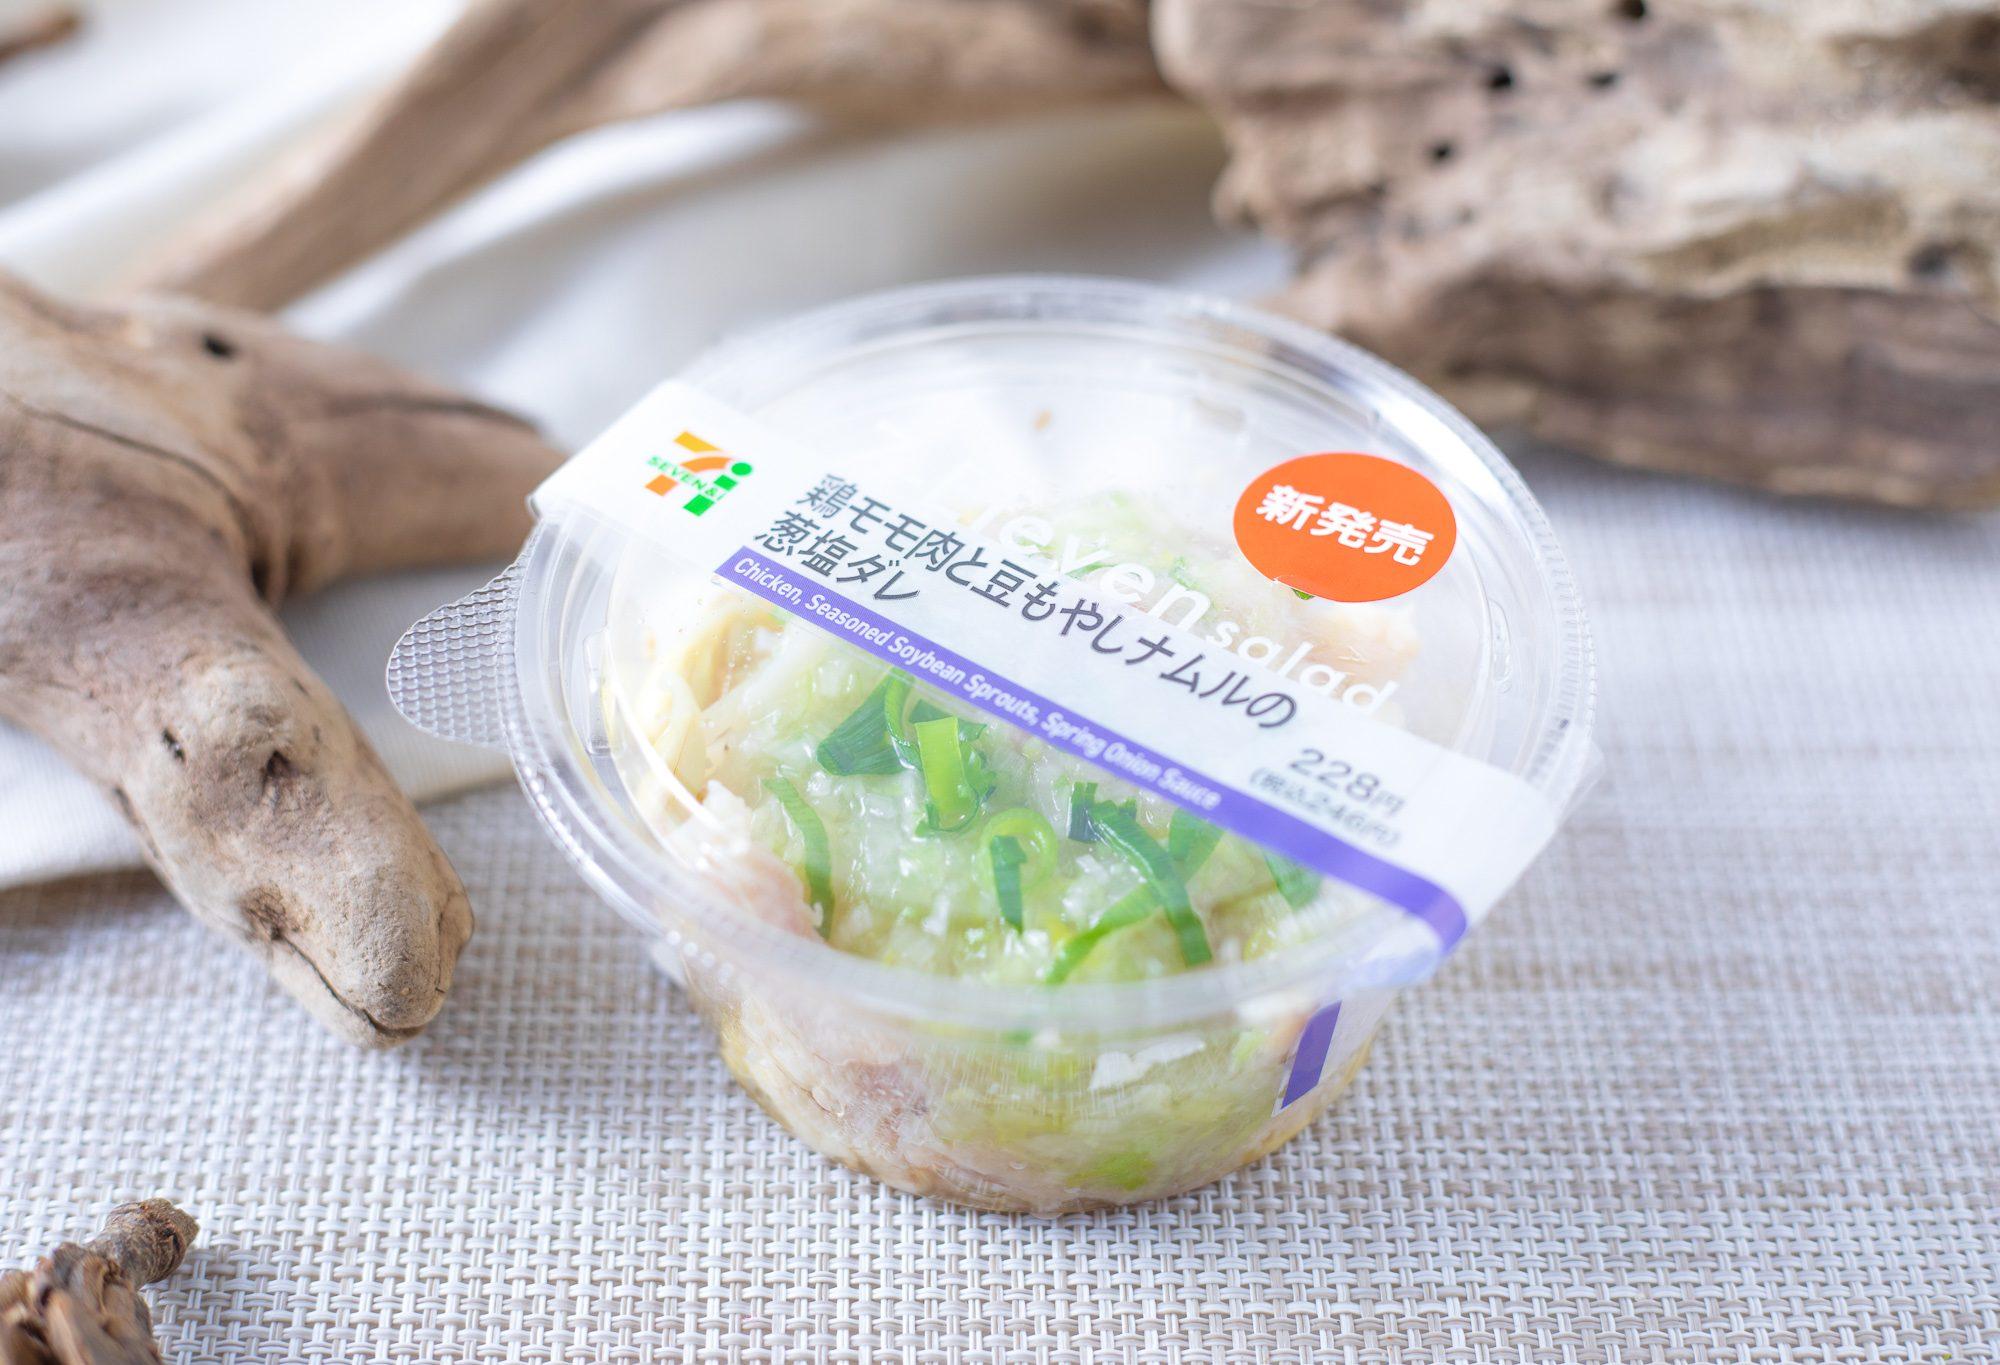 セブン-イレブン『鶏モモ肉と豆もやしナムルの葱塩ダレ』は食感の良い具材とごま油の風味豊かな葱塩ダレの相性が抜群なオールラウンダー惣菜!